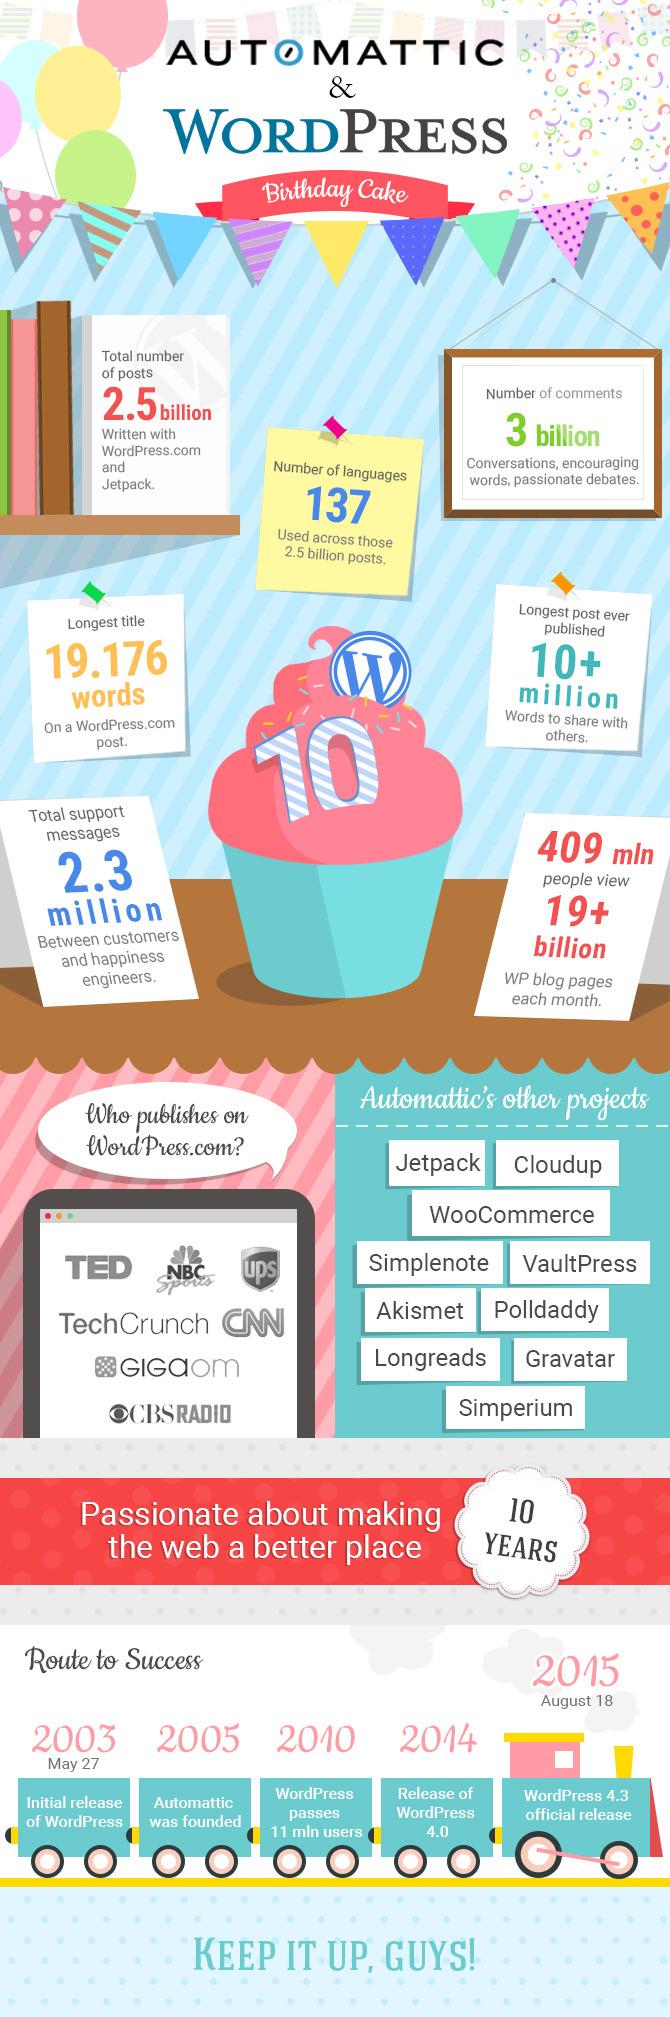 10 Years of WordPress & Automattic Birthday